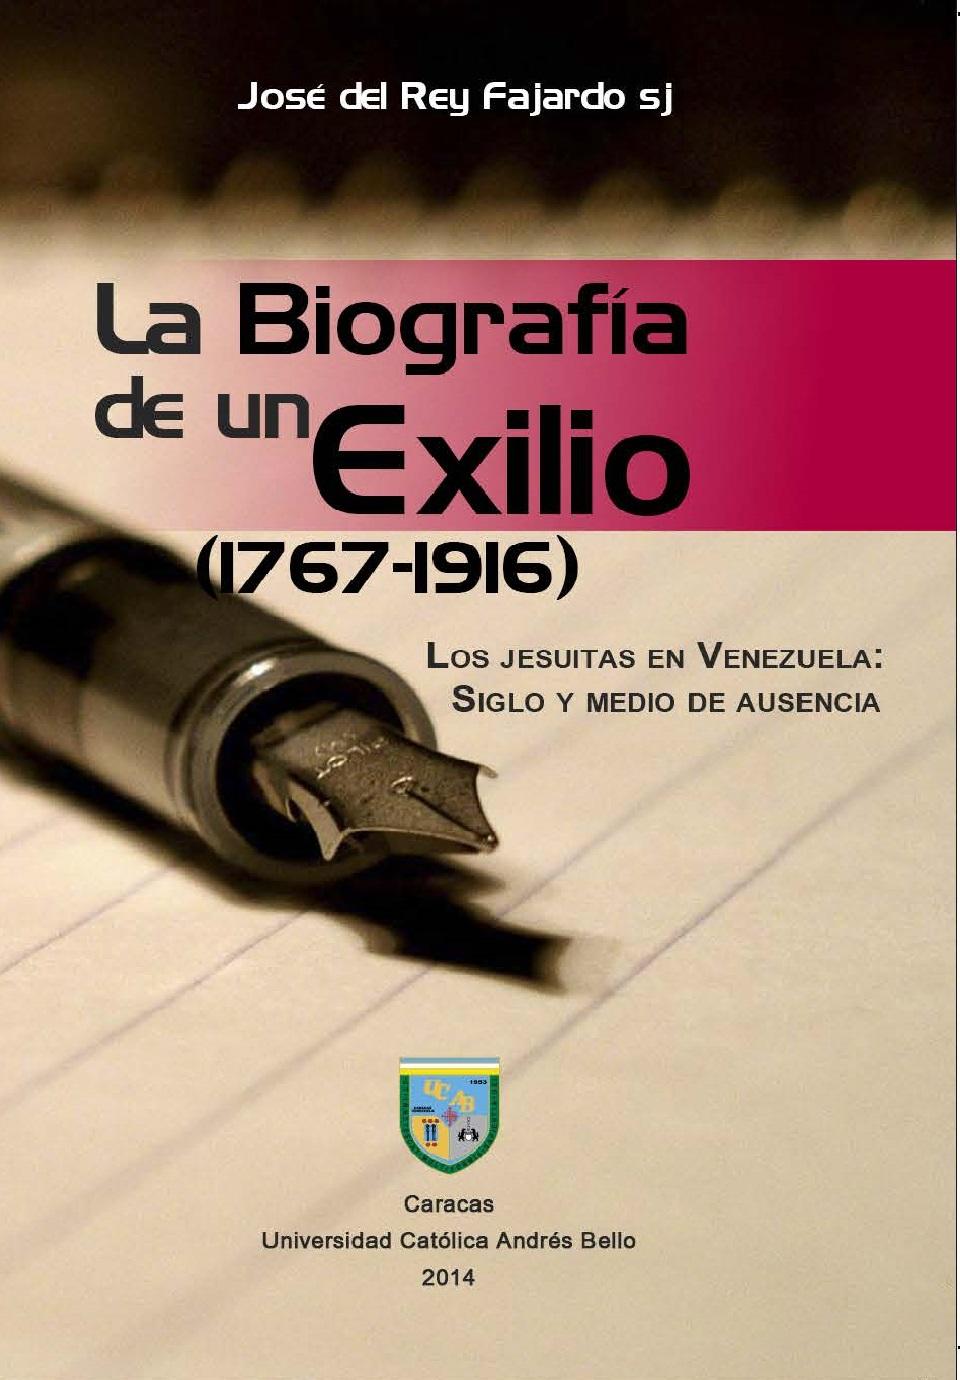 Biografía de un exilio